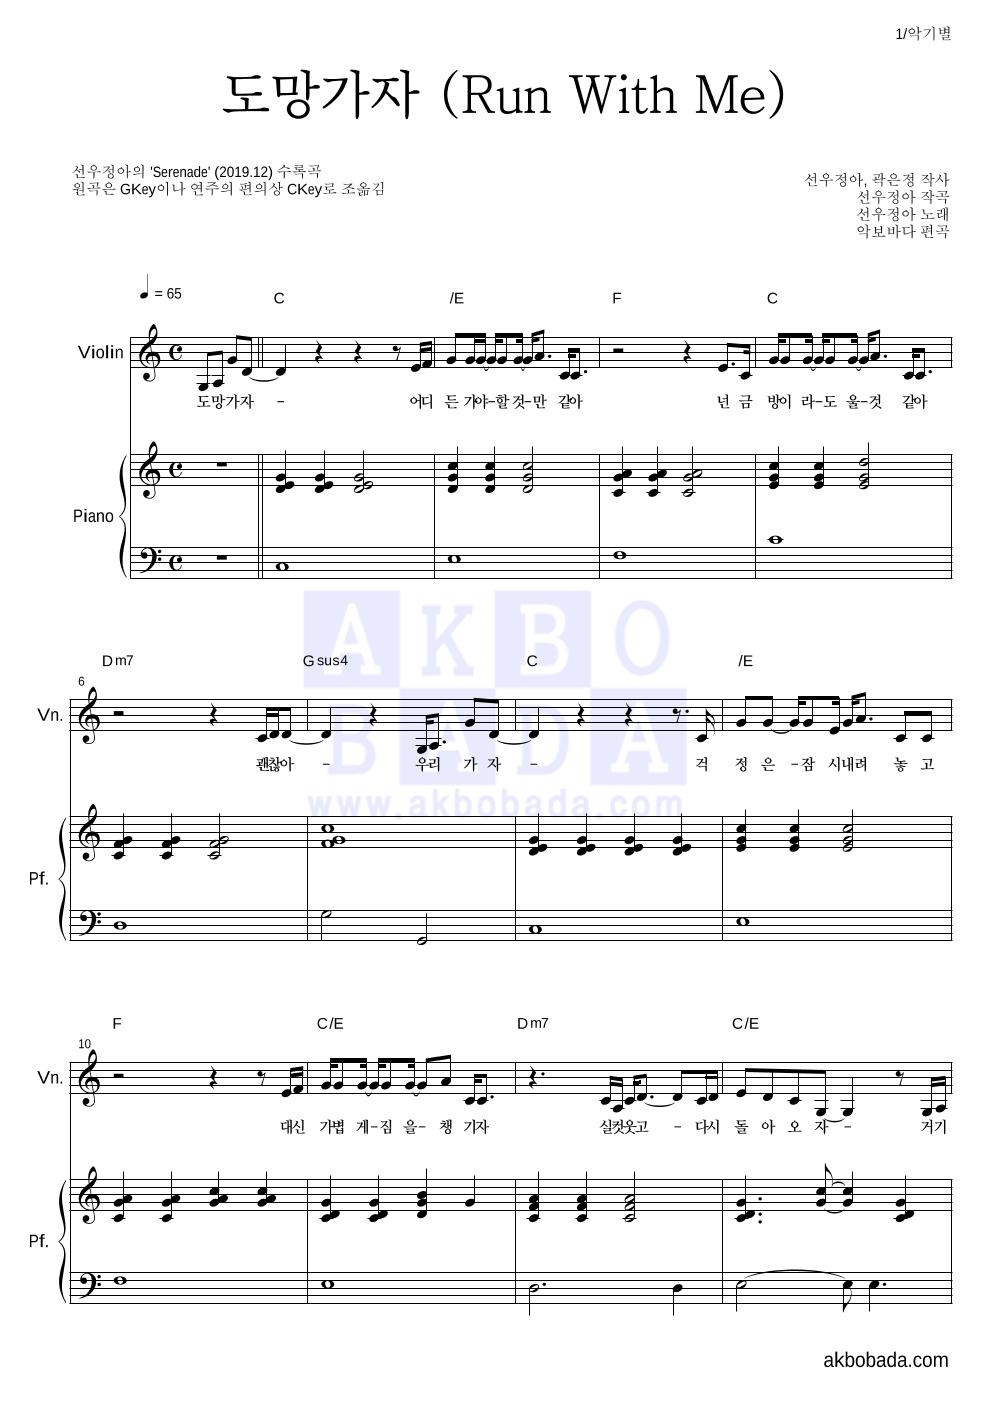 선우정아 - 도망가자 (Run With Me) 바이올린&피아노 악보